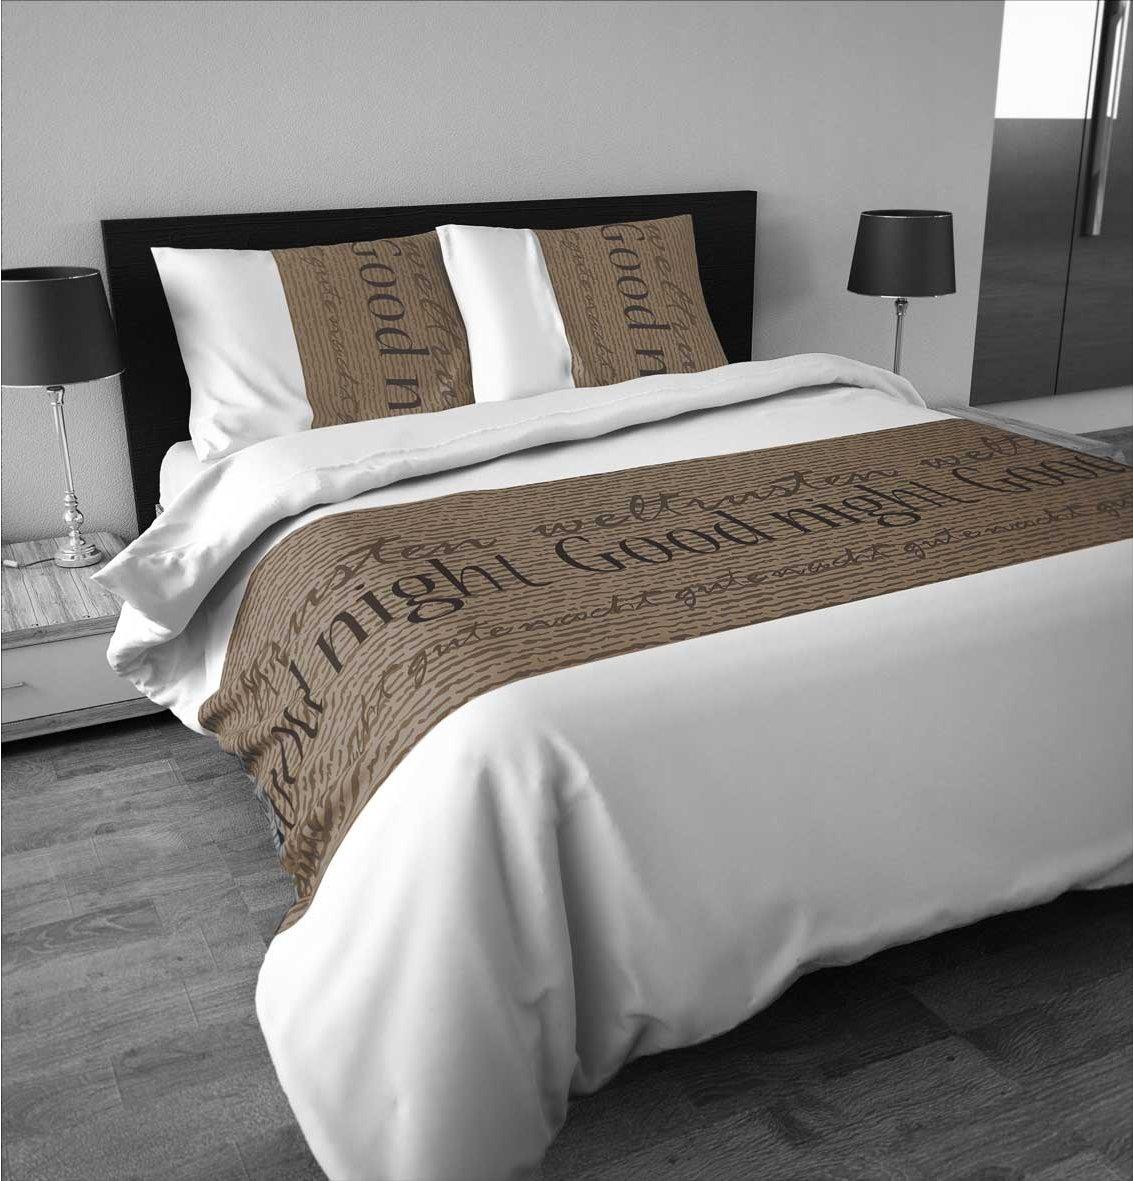 sleeptime 12011075 bedding. Black Bedroom Furniture Sets. Home Design Ideas